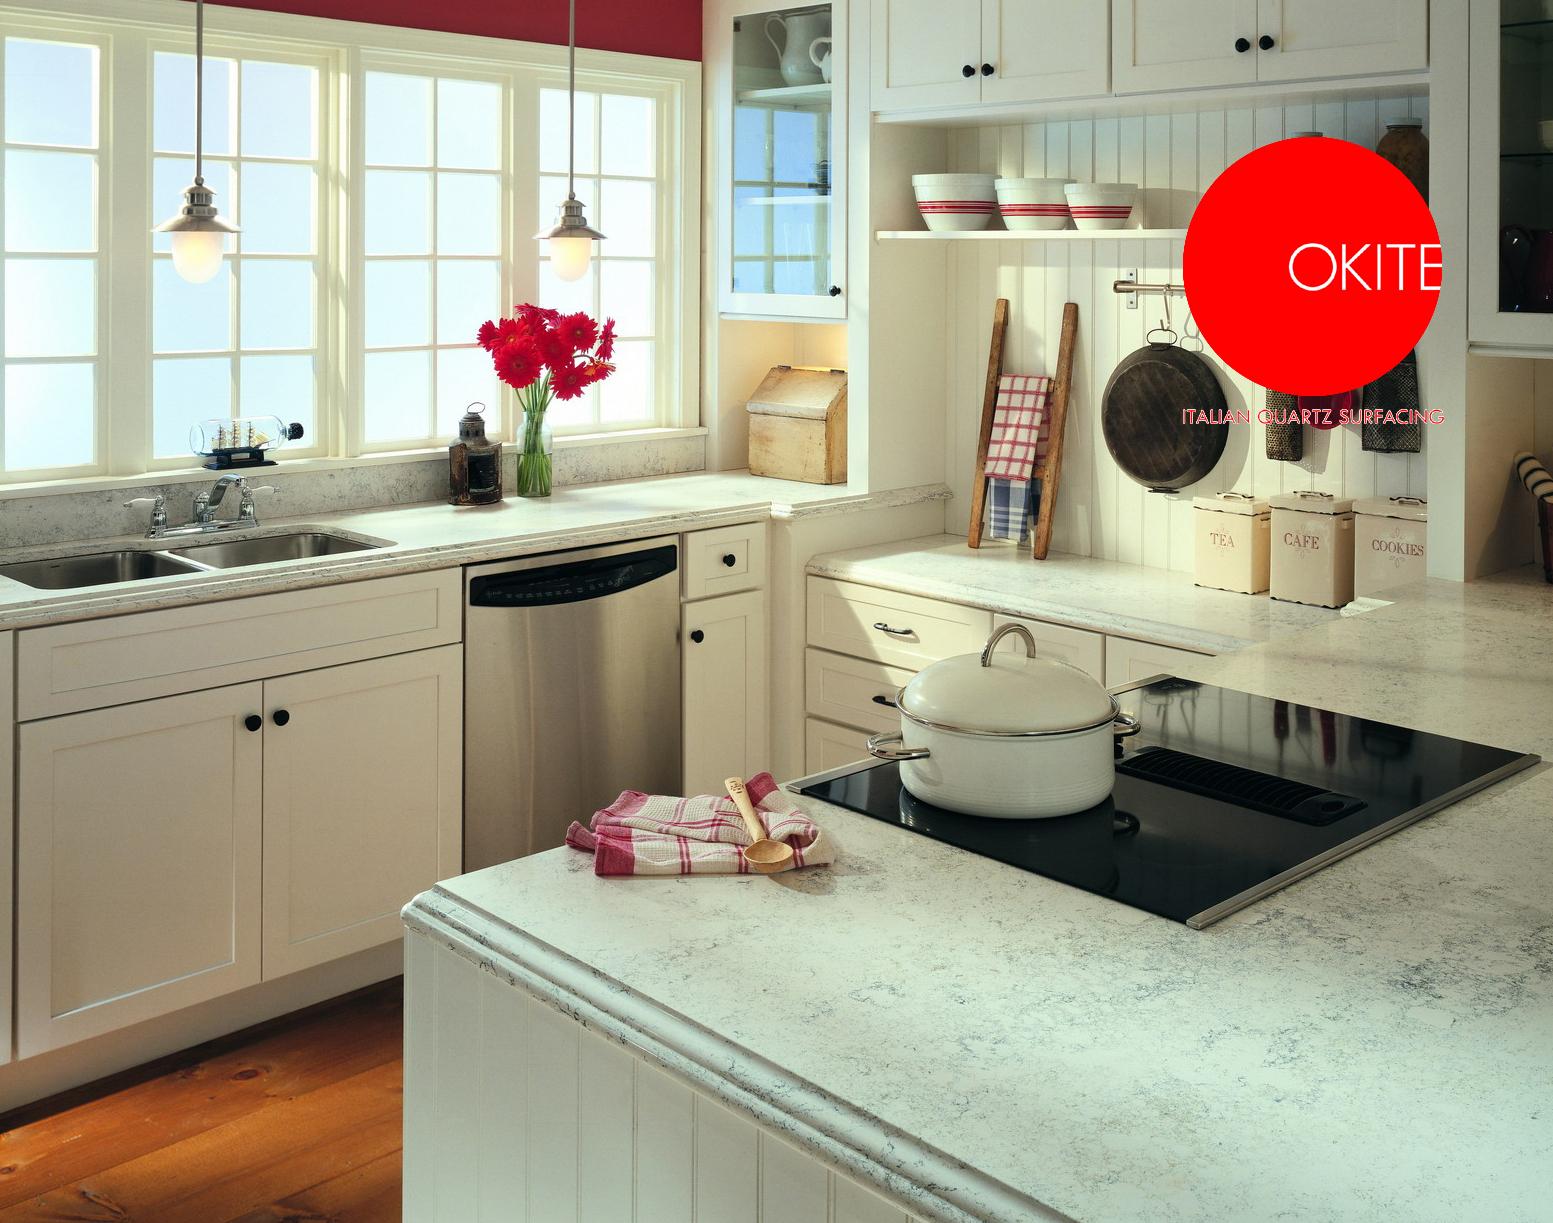 Okite n 1 negli usa fra le superfici in quarzo for Okite countertops